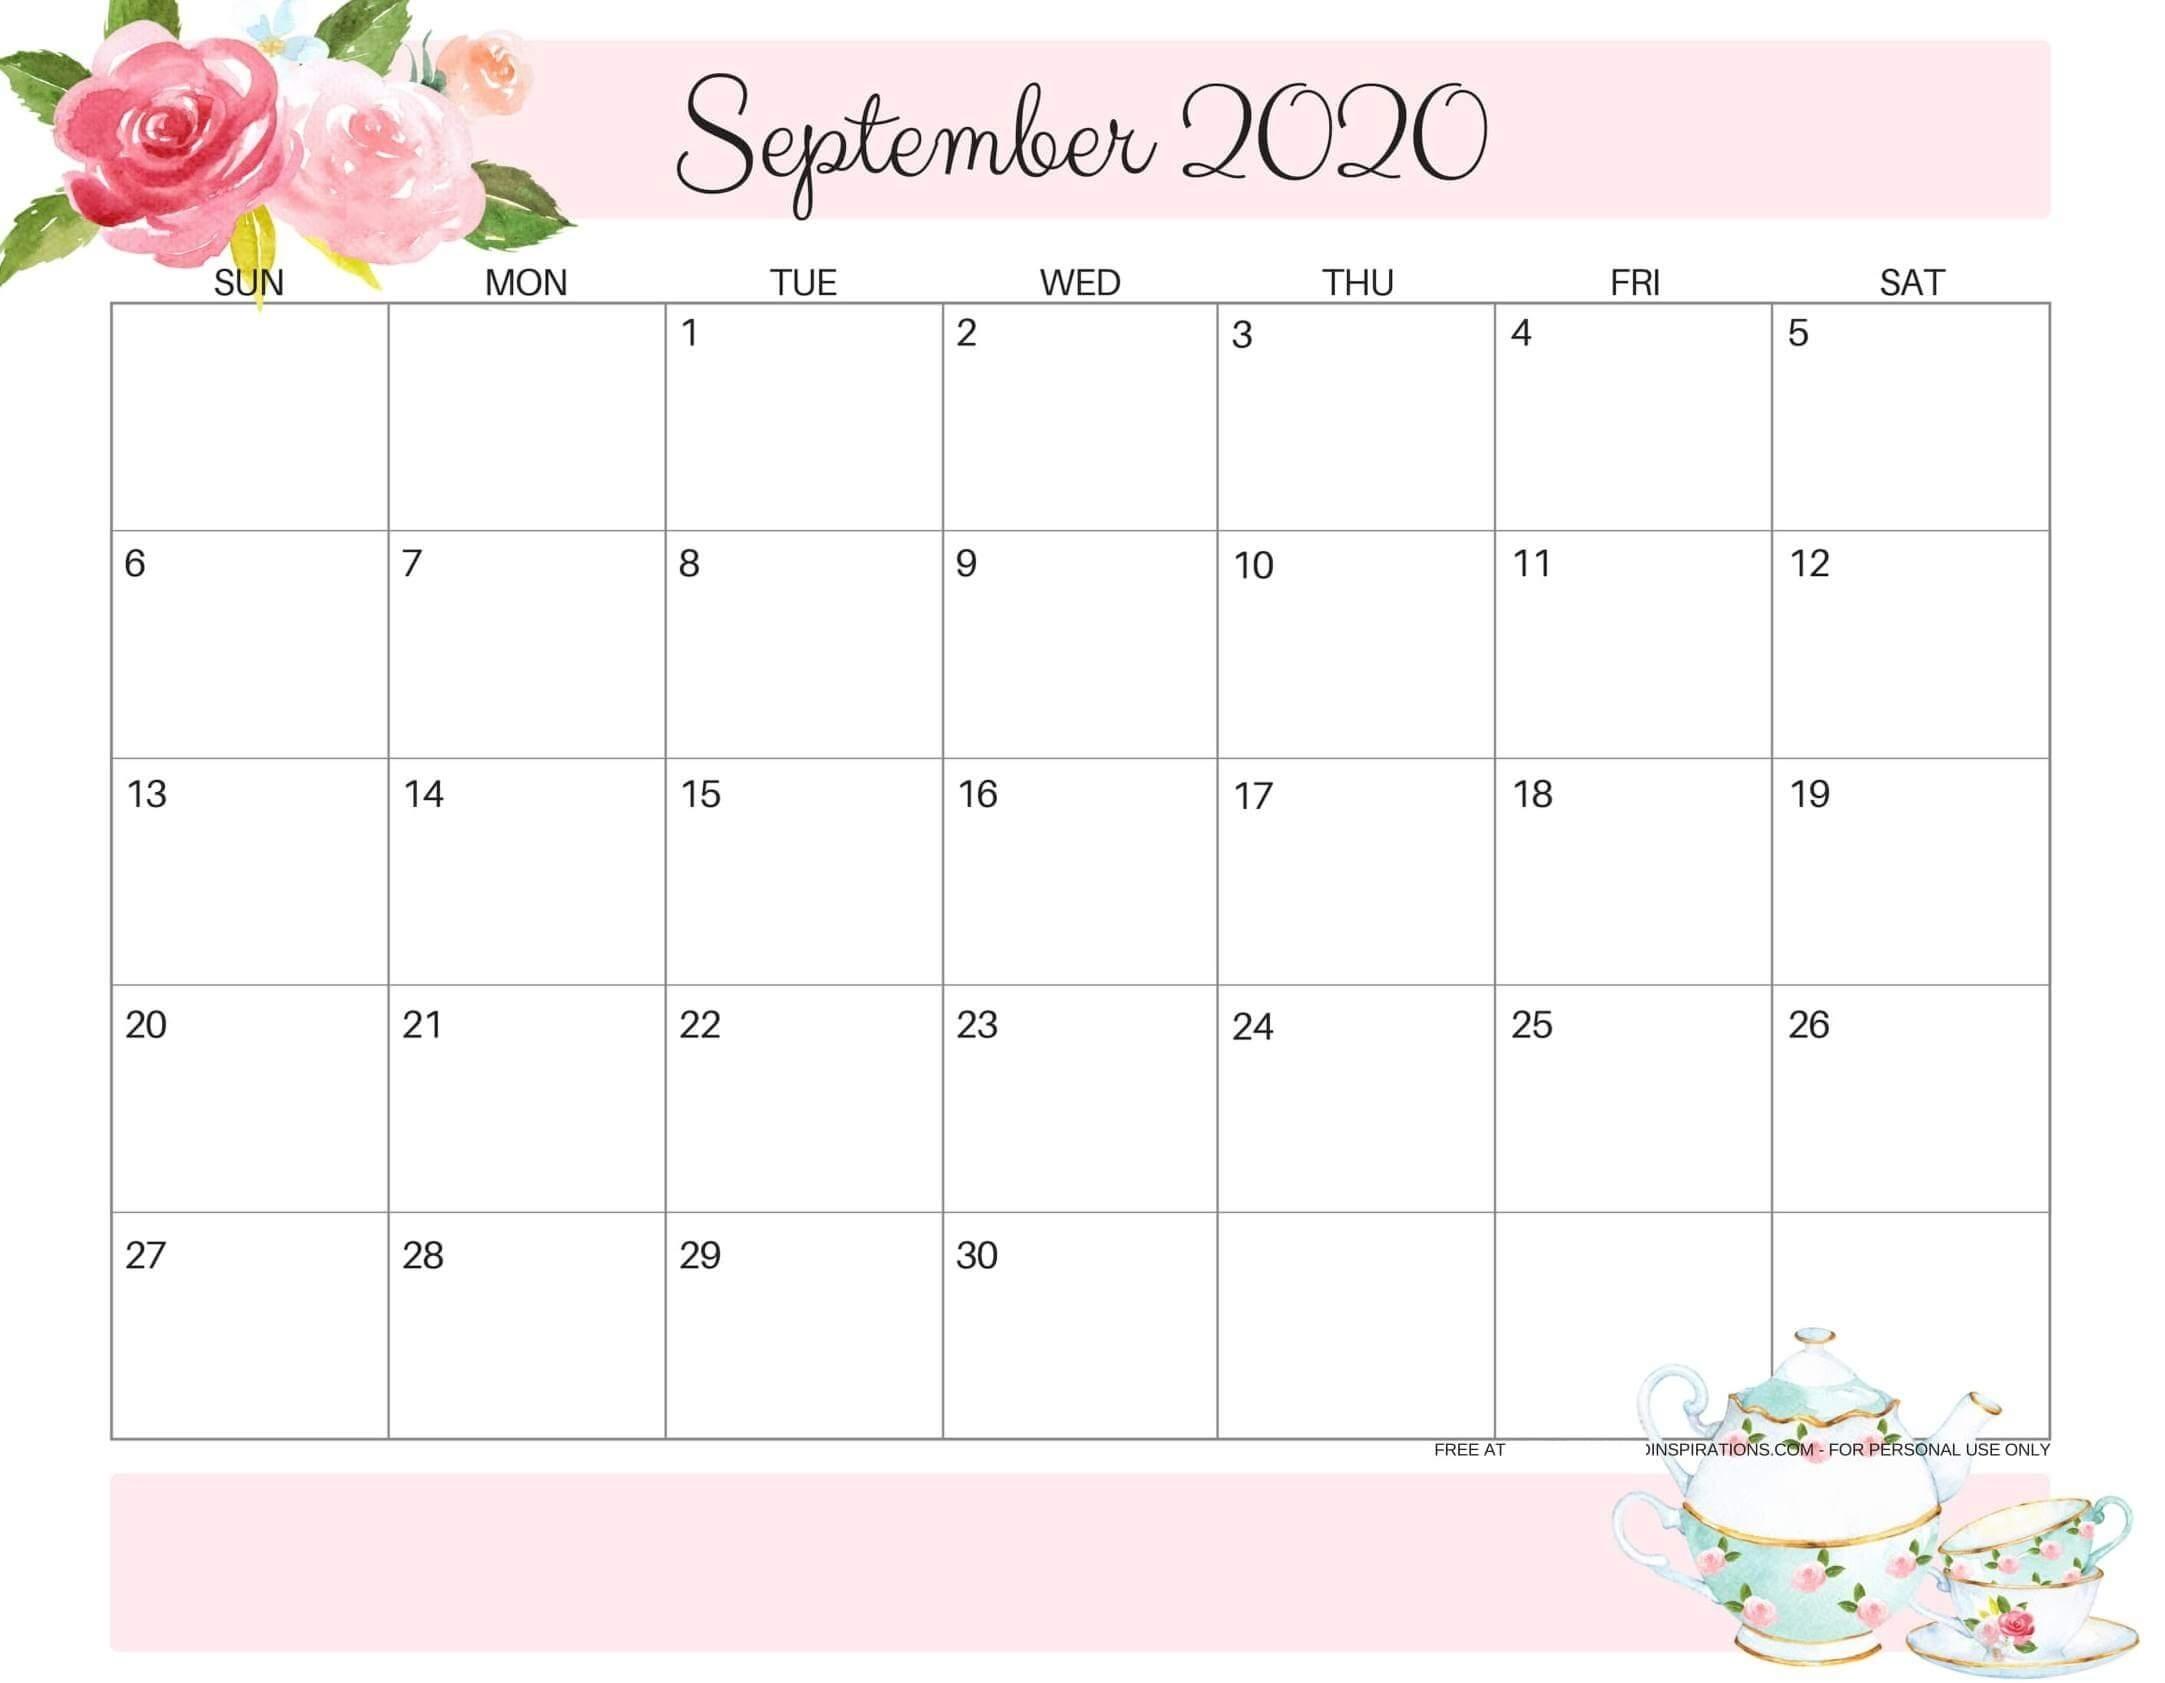 September 2020 Calendar Uk National Holidays Templates